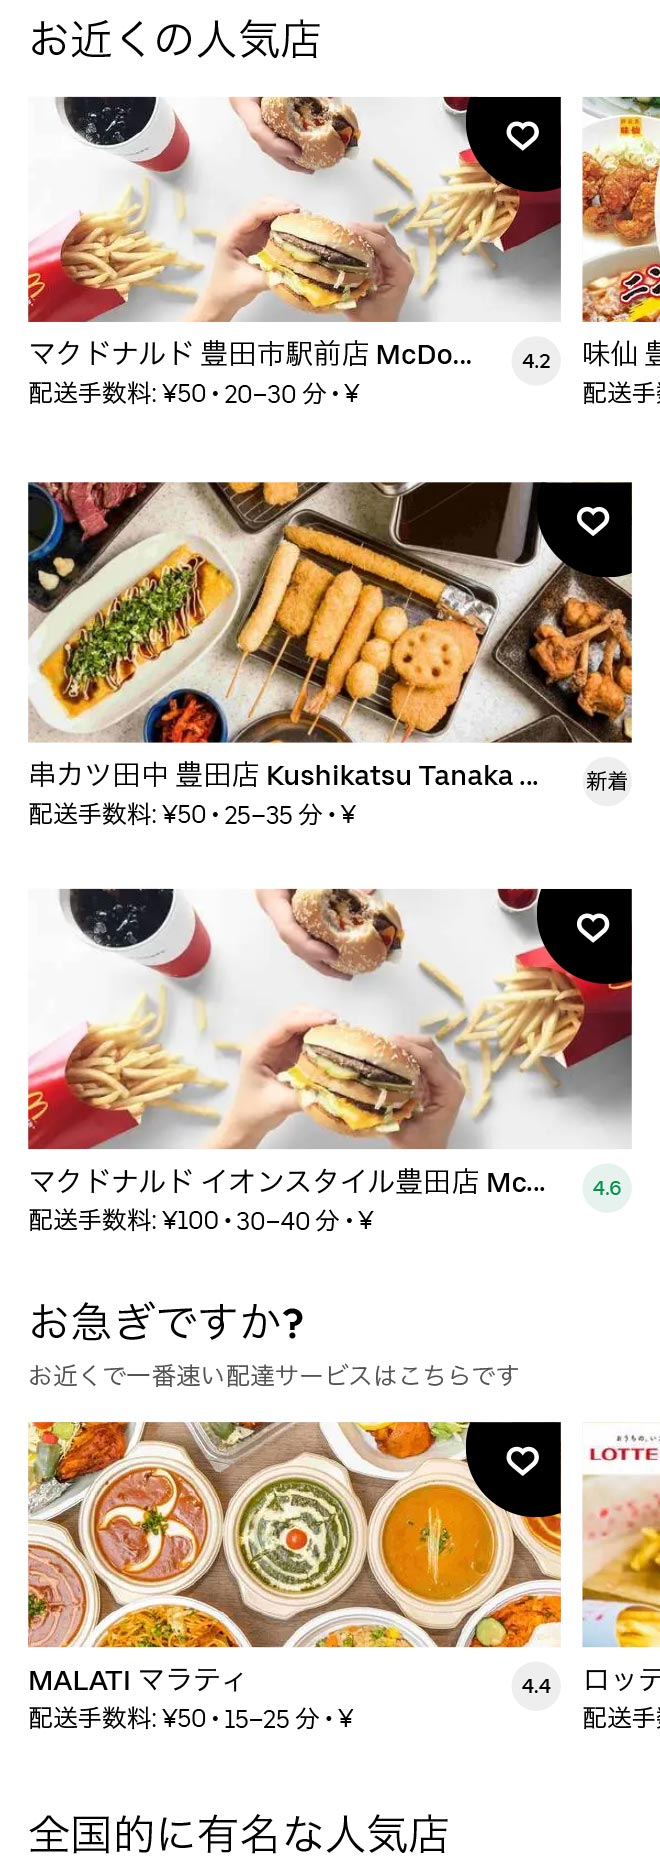 Toyotashi menu 2012 01